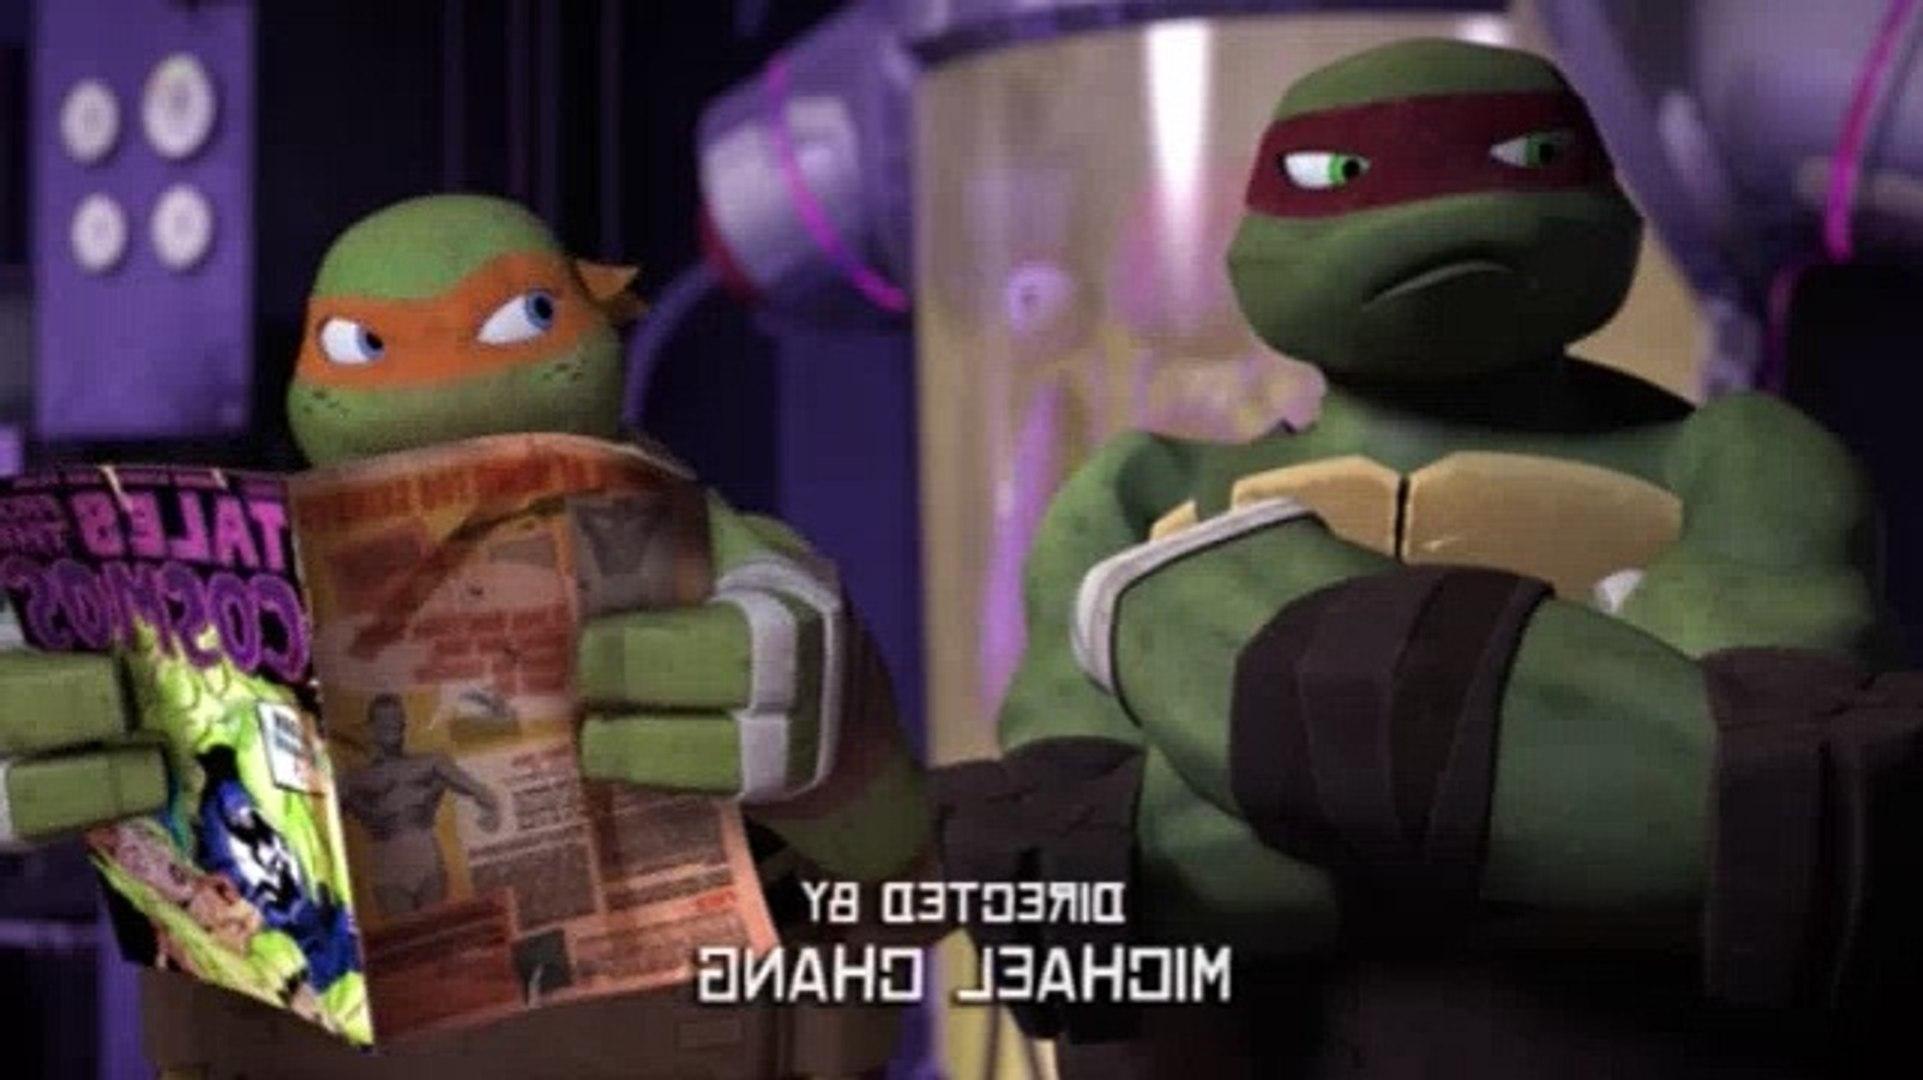 Teenage Mutant Ninja Turtles S02e02 Invasion Of The Squirrelanoids Video Dailymotion